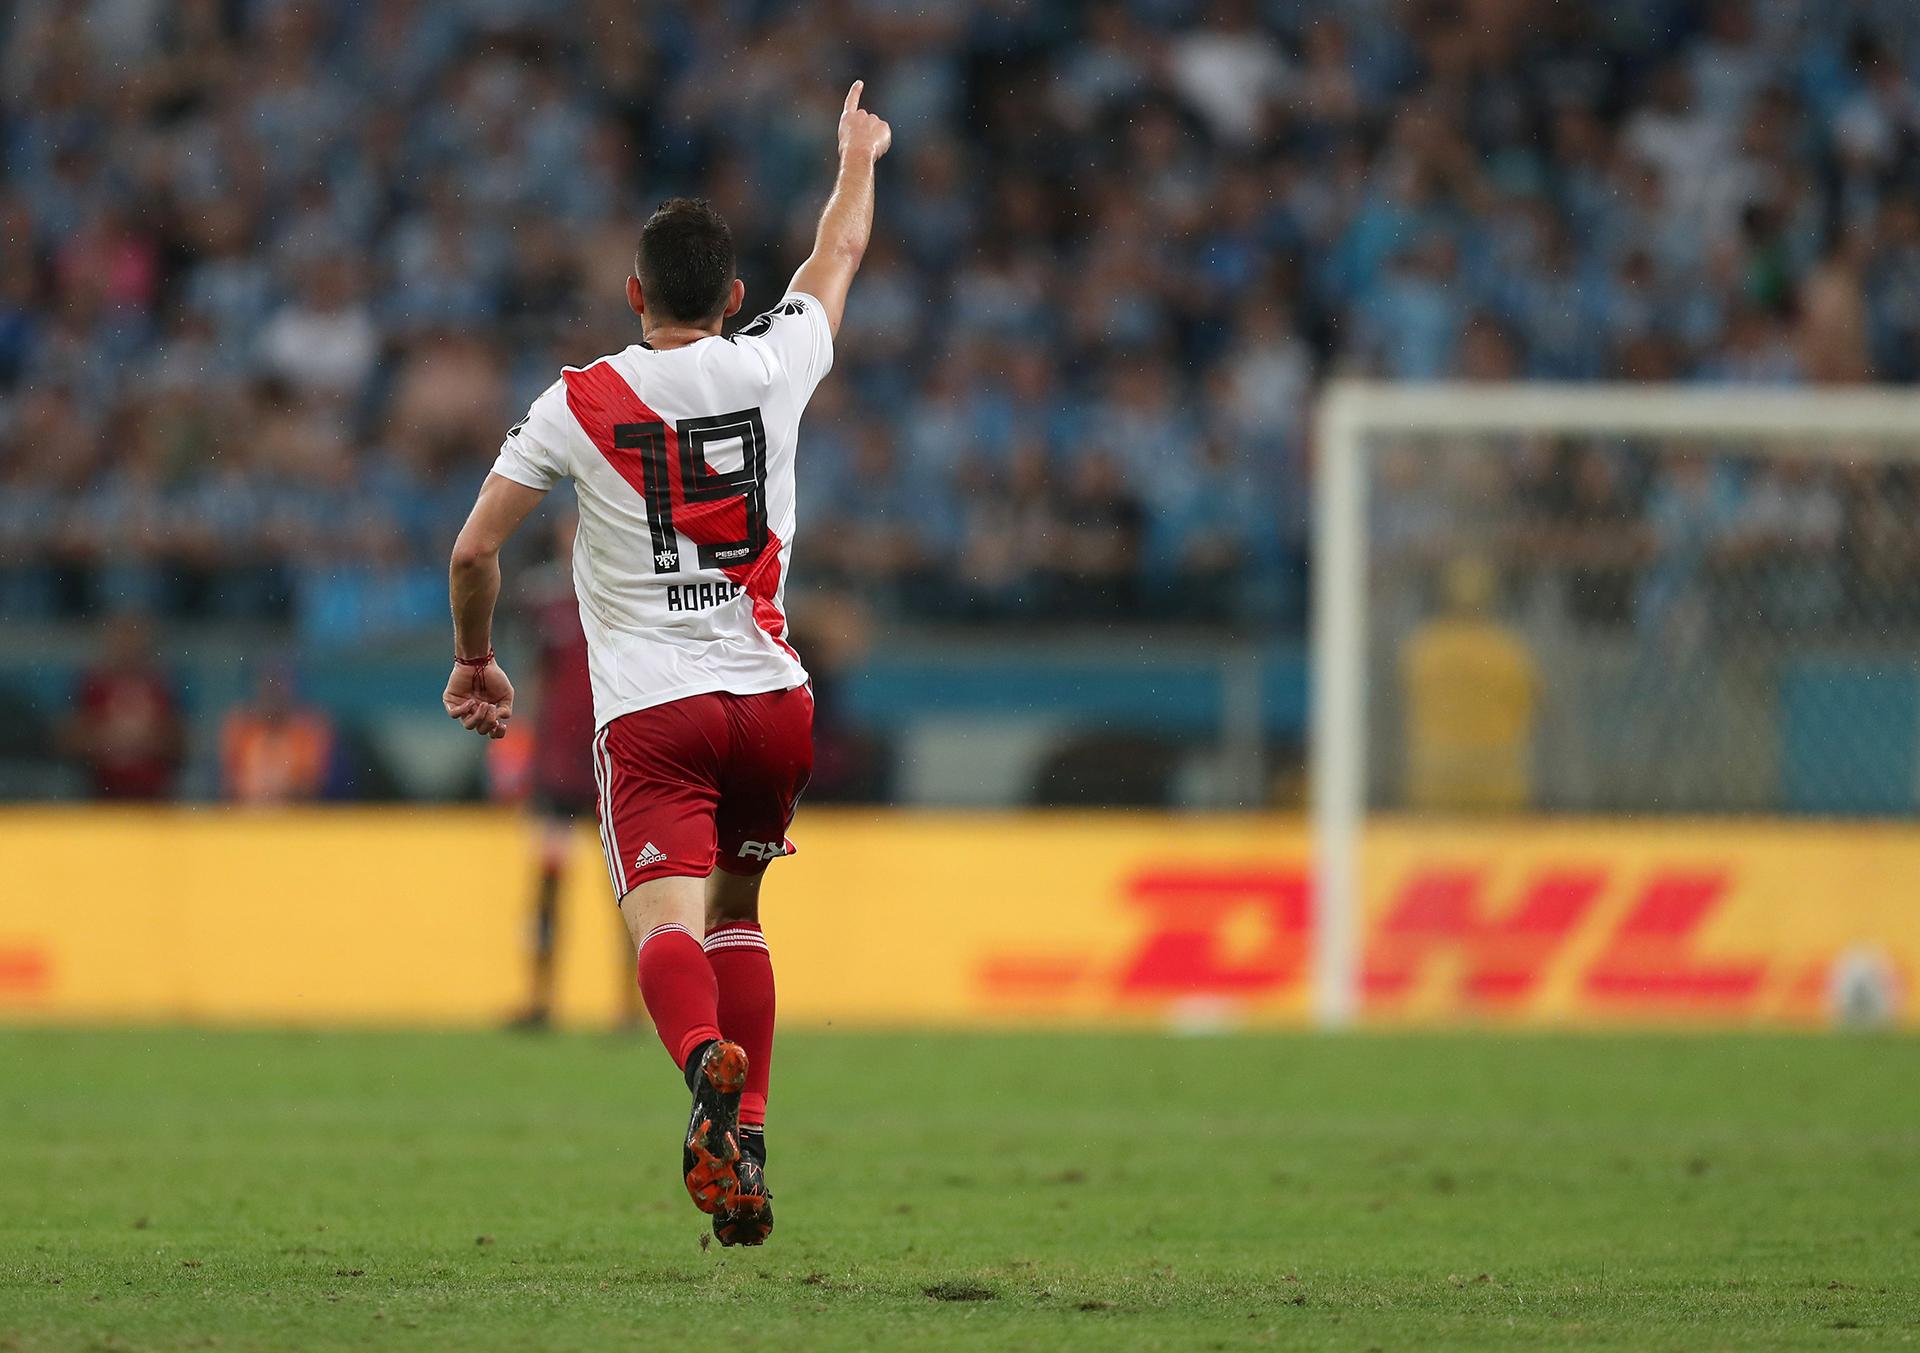 Rafael Santos Borré celebra su gol, el primero que silenció el Arena do Gremio (REUTERS)